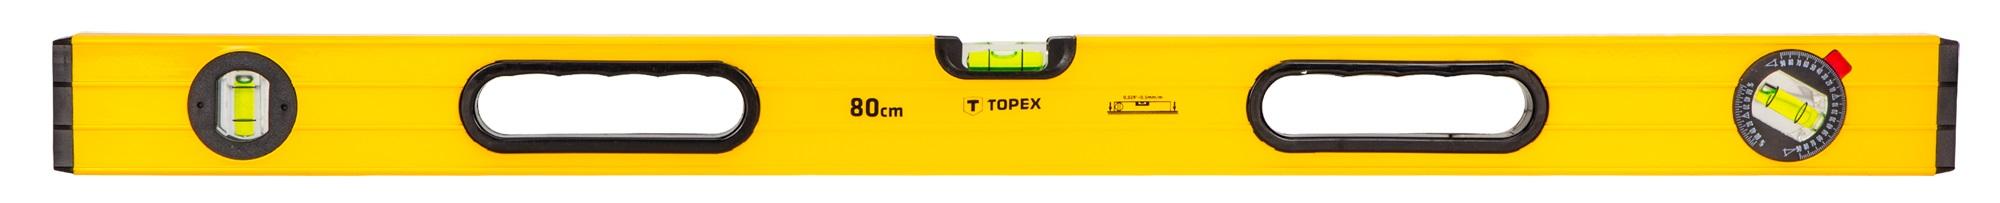 Topex 29C603 Рiвень алюмiнiєвий, тип 600, 80 см, 3 вiчка